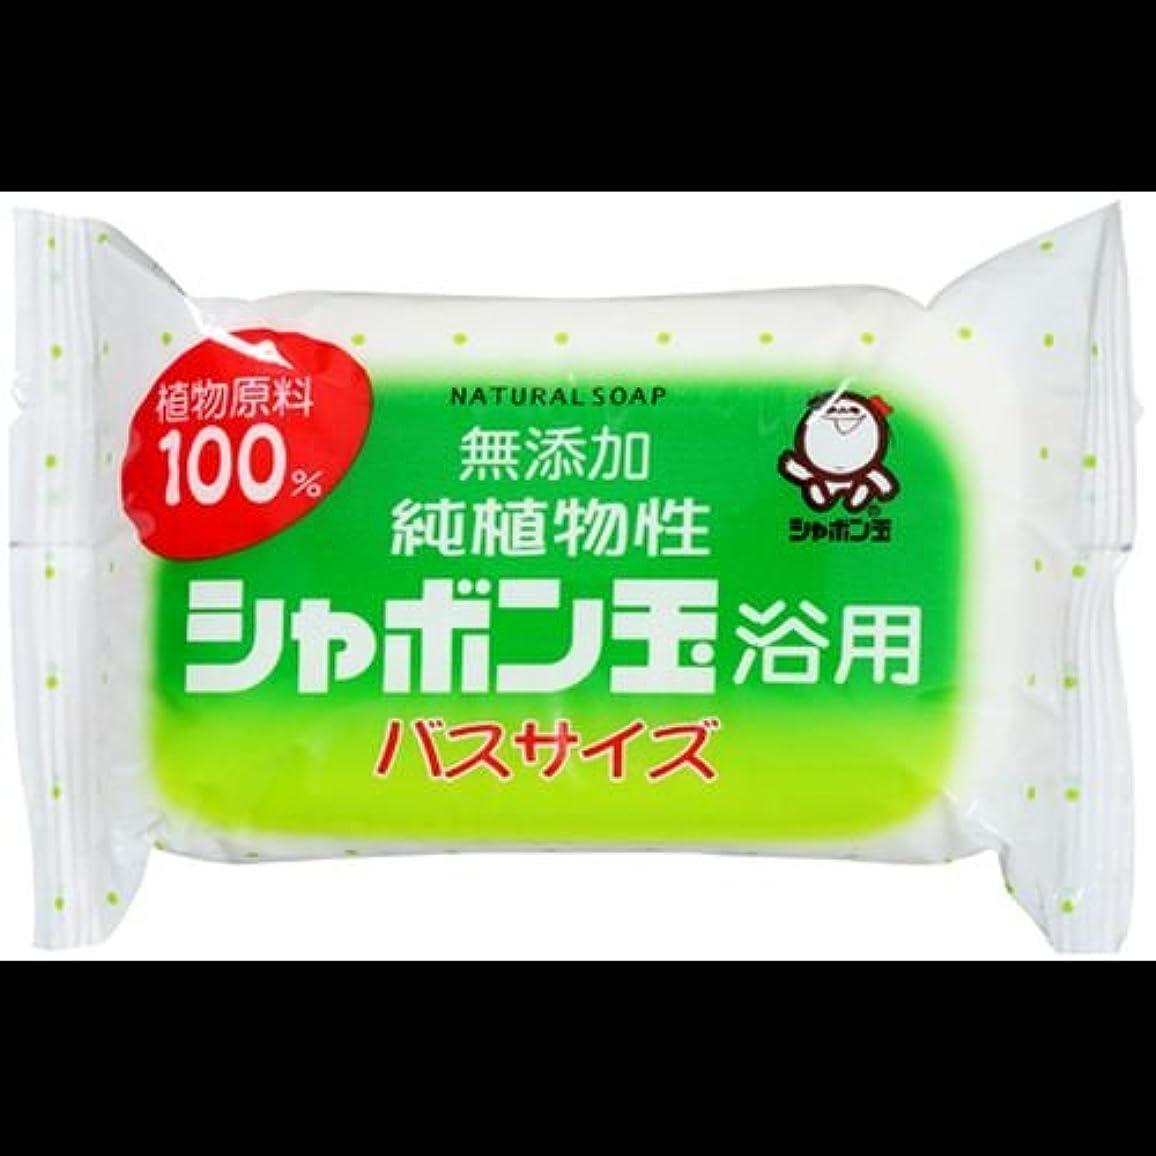 変装したいらいらさせる皮肉な【まとめ買い】純植物性シャボン玉 浴用 バスサイズ155g ×2セット